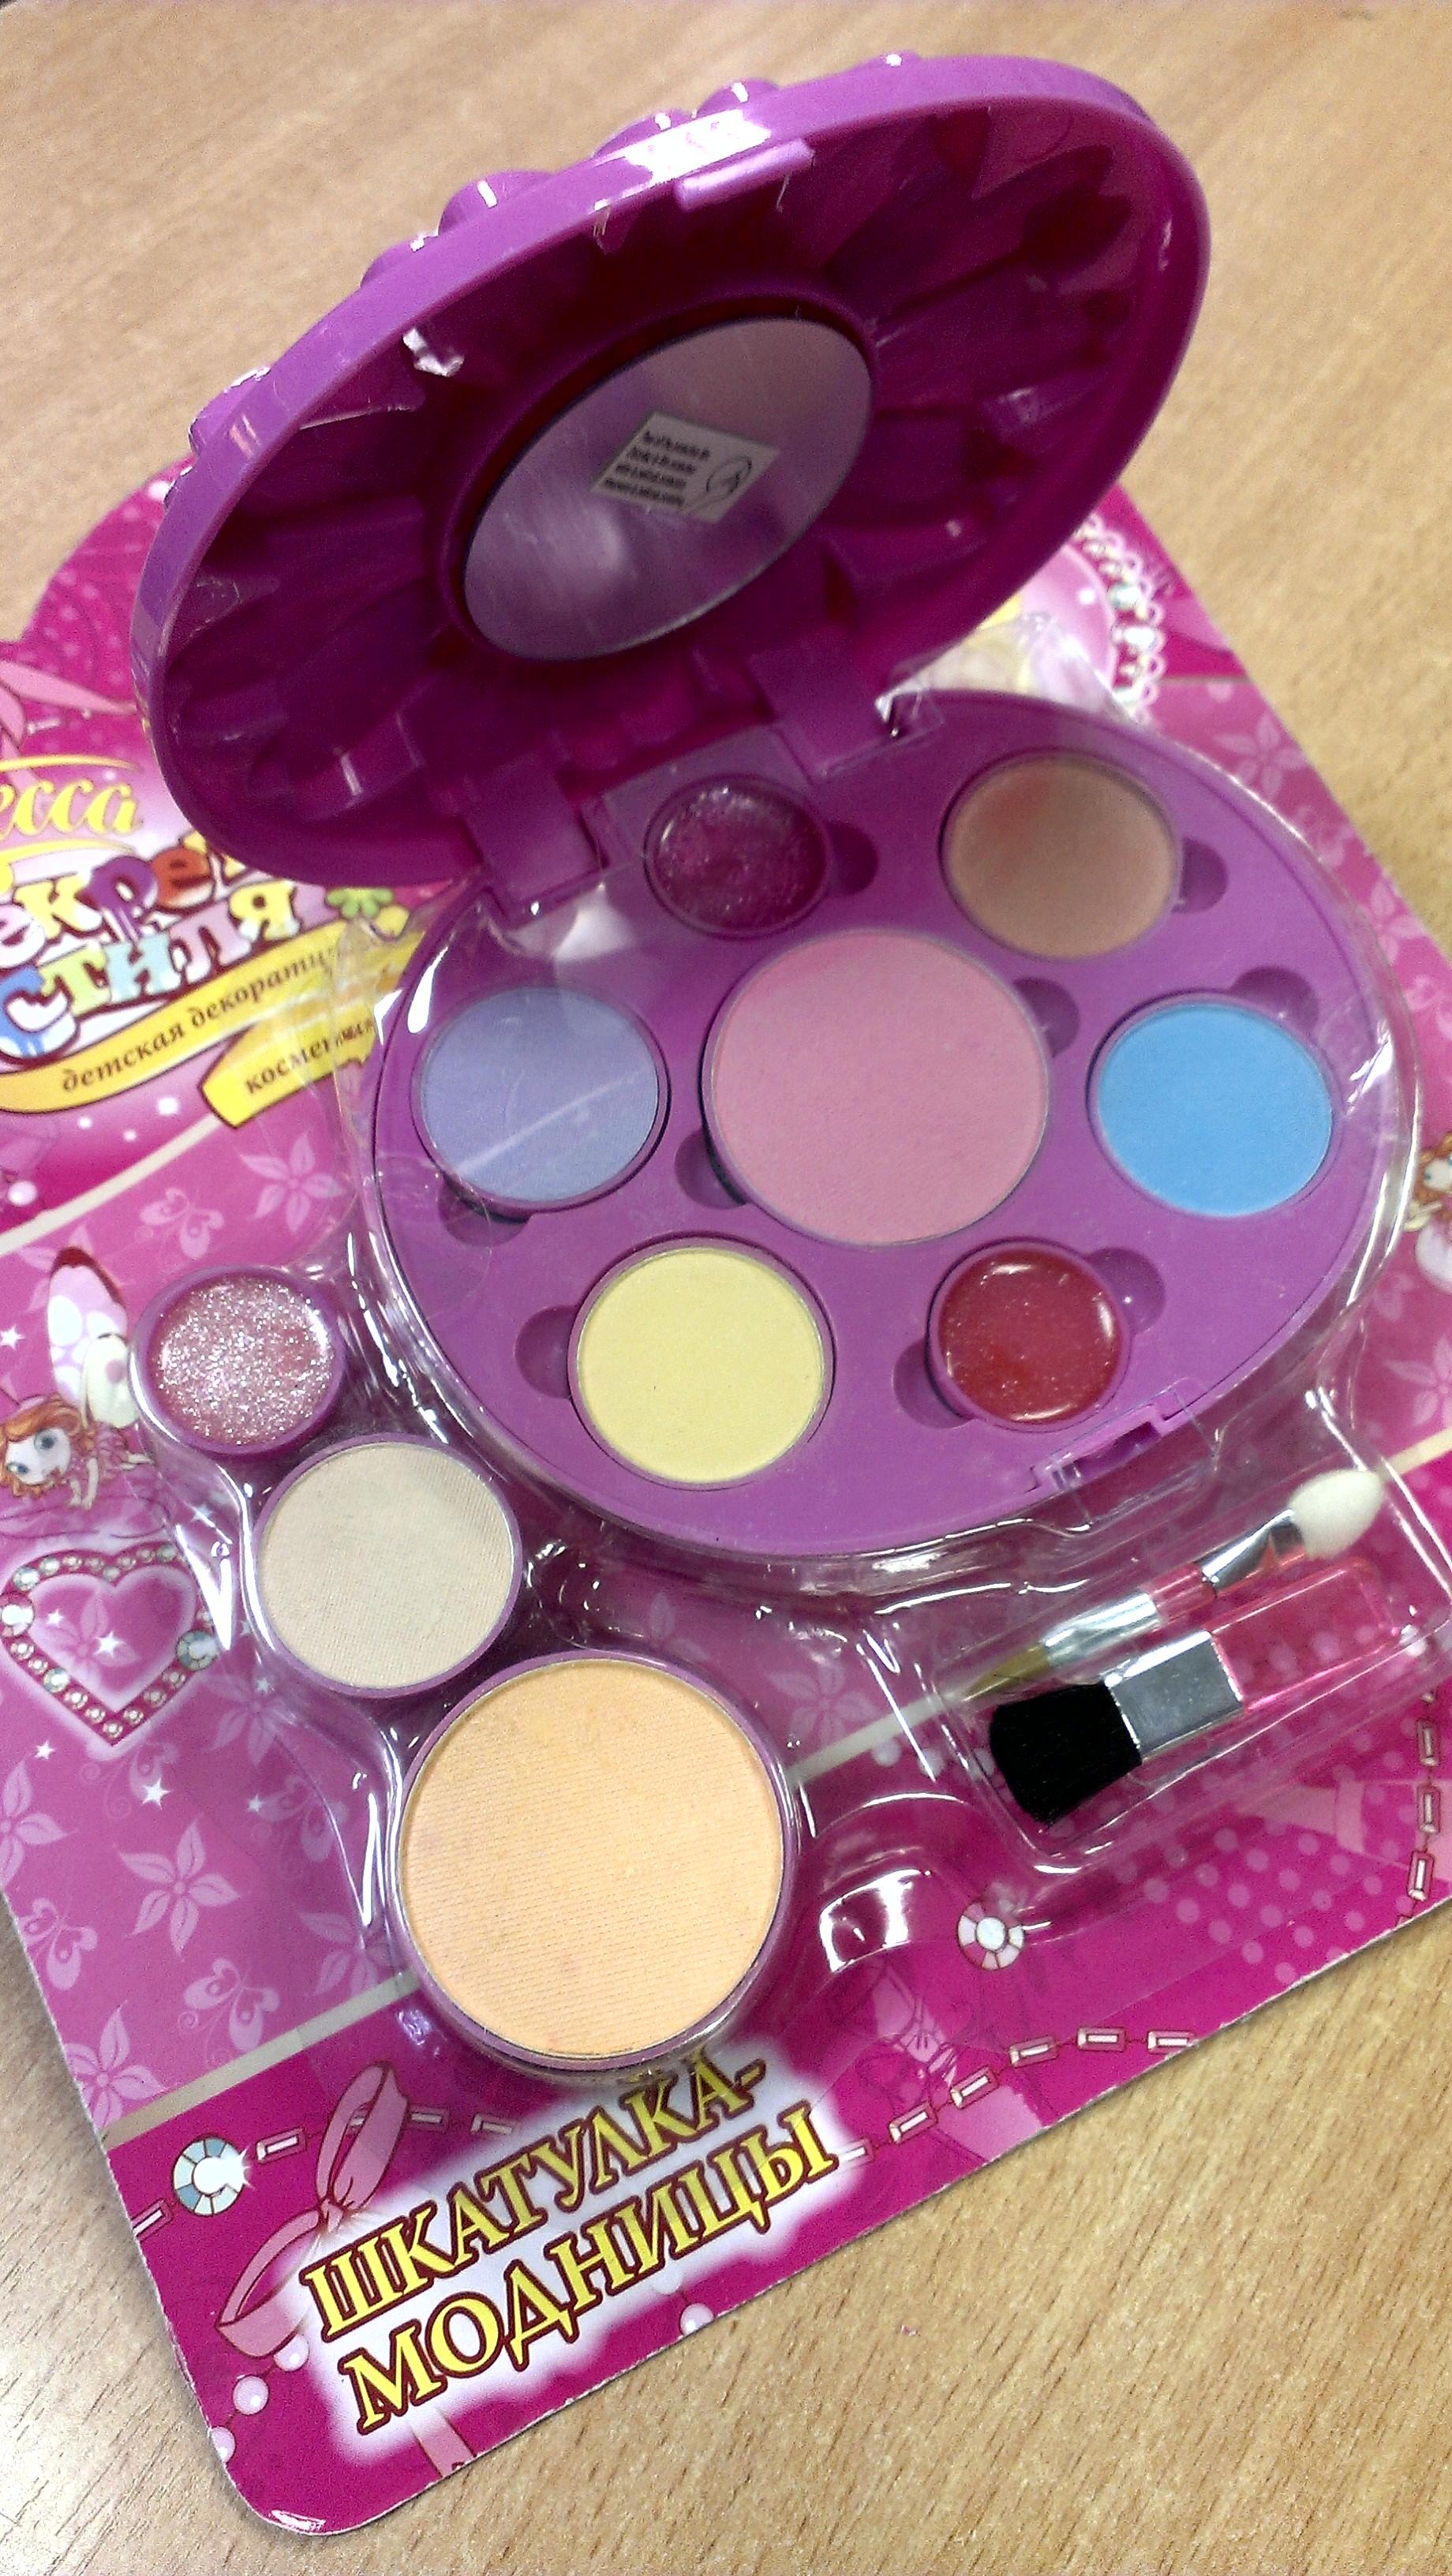 Купить в магазине len-kosmetik санкт-петербург: детская декоративная косметика для девочек наборы принцесса, barbie, markwins ку.